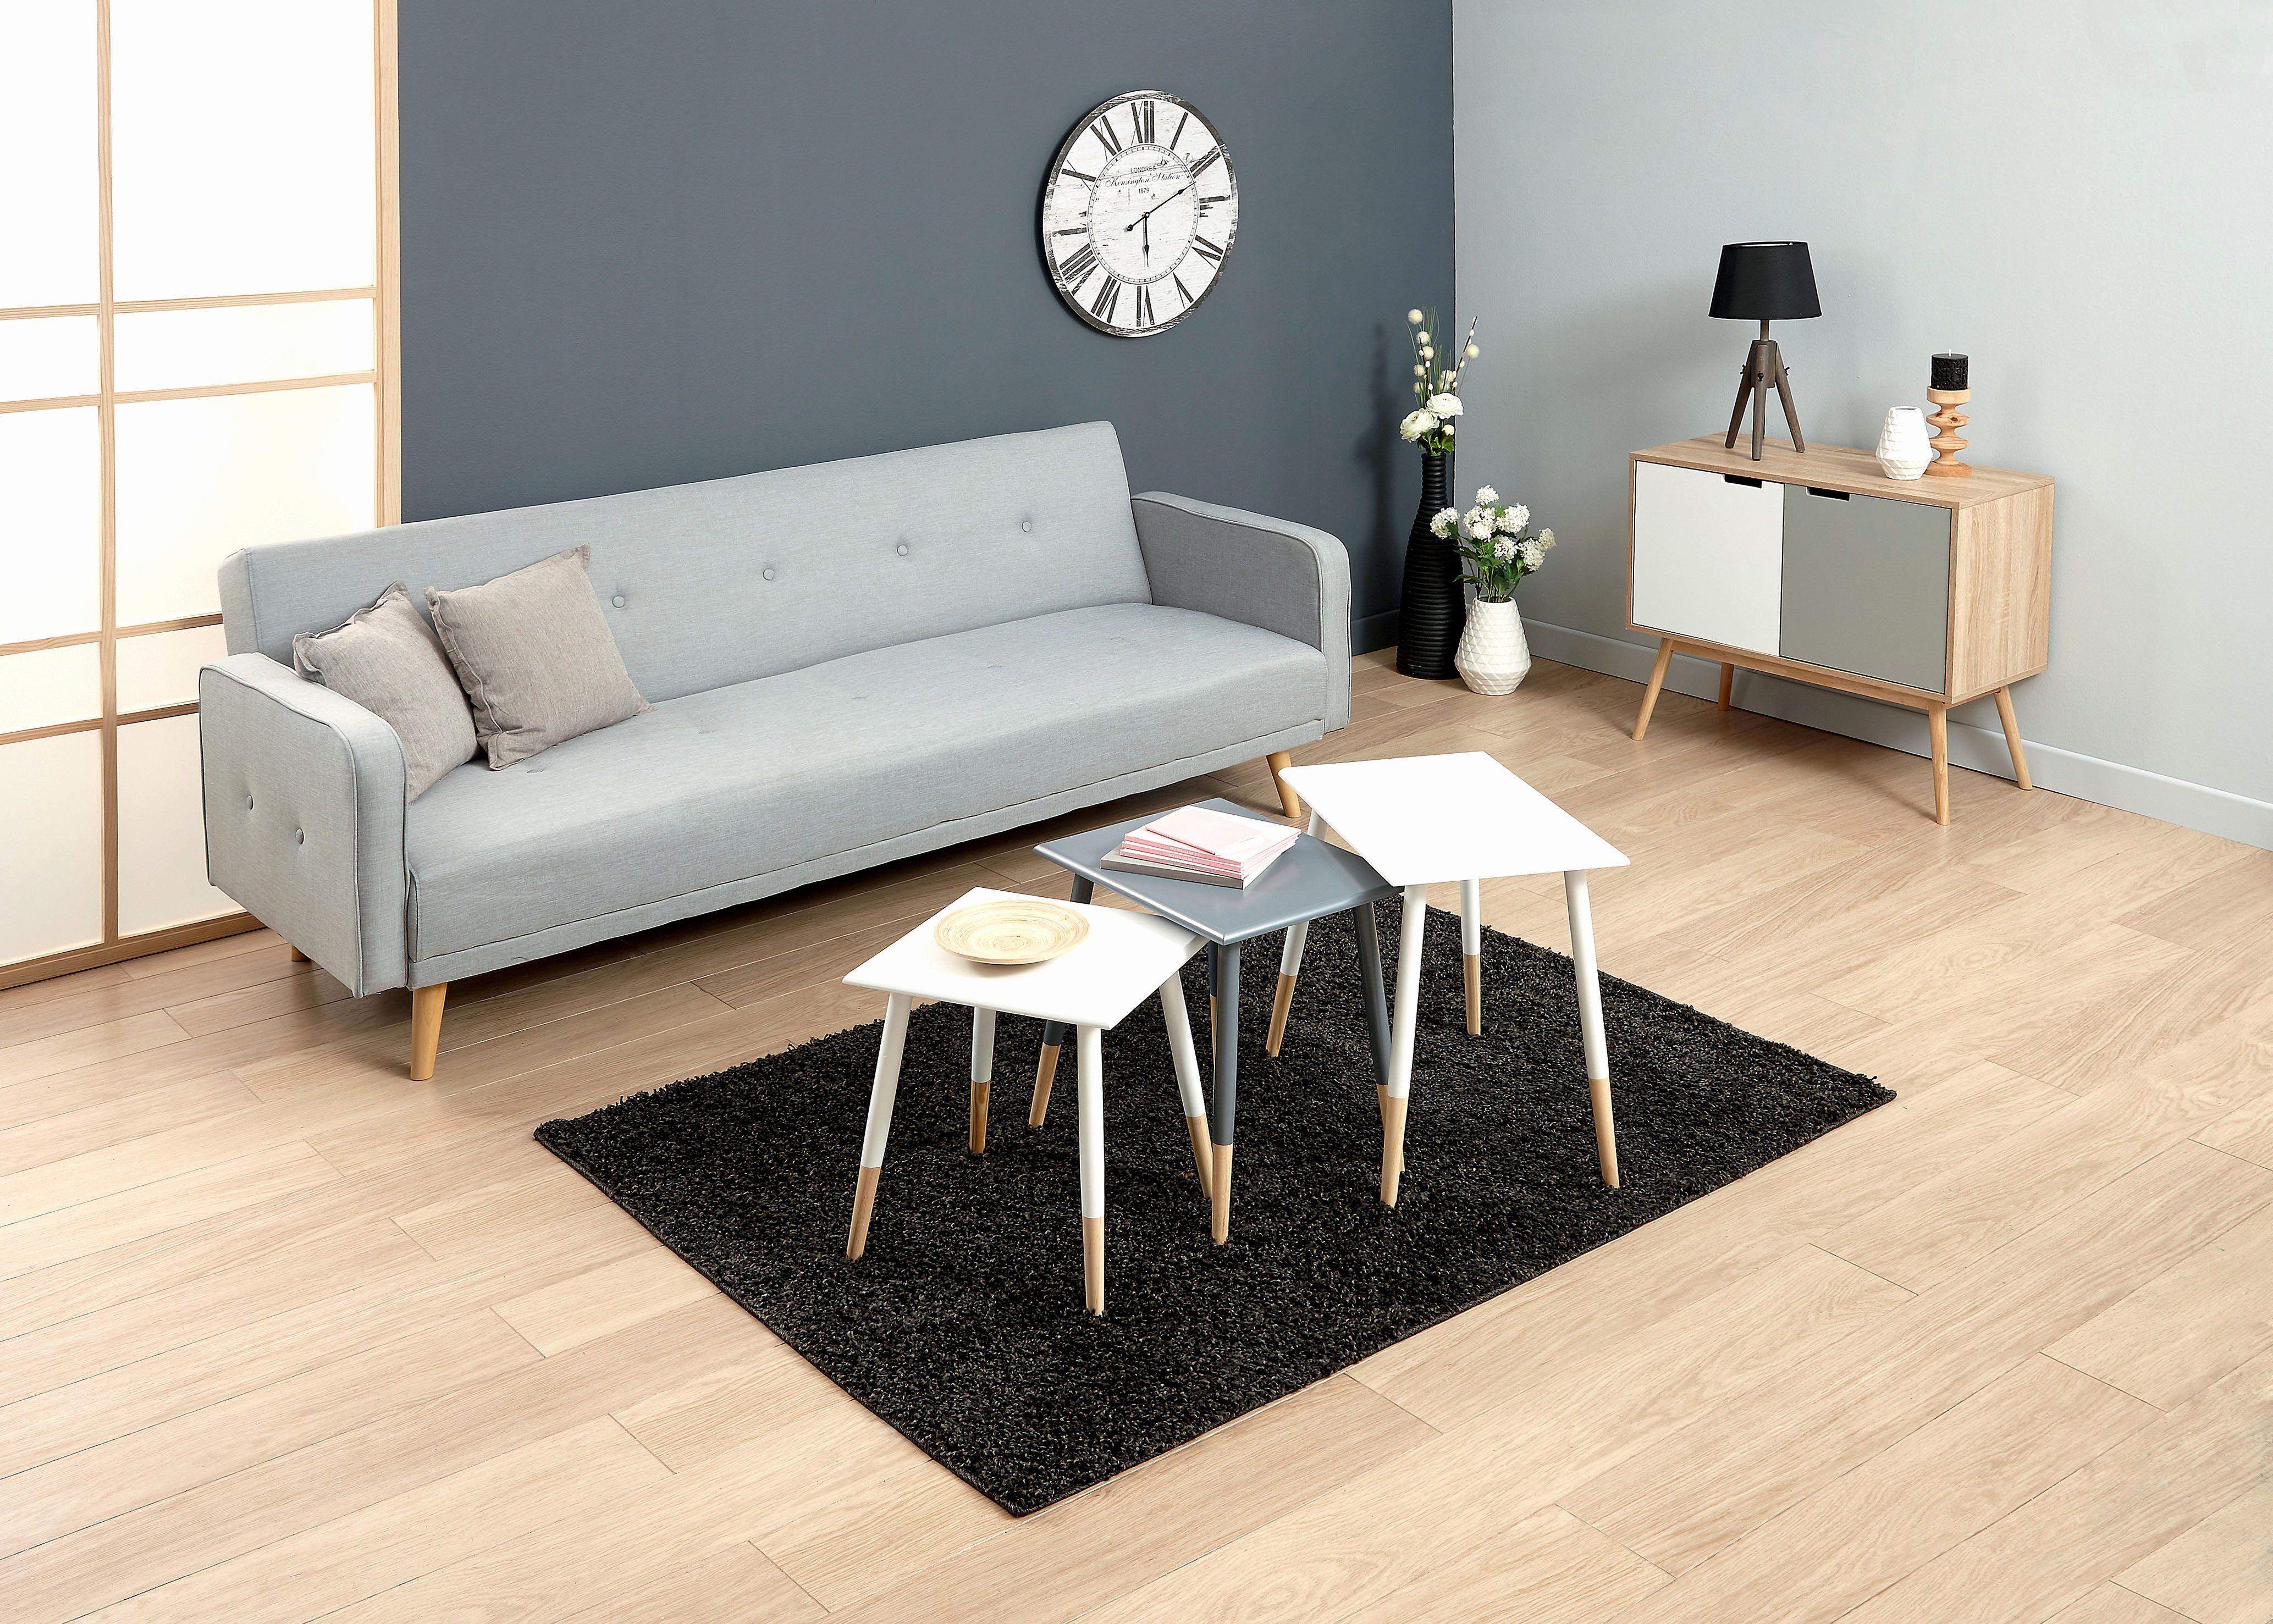 Coffre sous Lit Charmant Gifi Meuble De Rangement Boite Ikea Boite Rangement Gifi Luxe Caisse